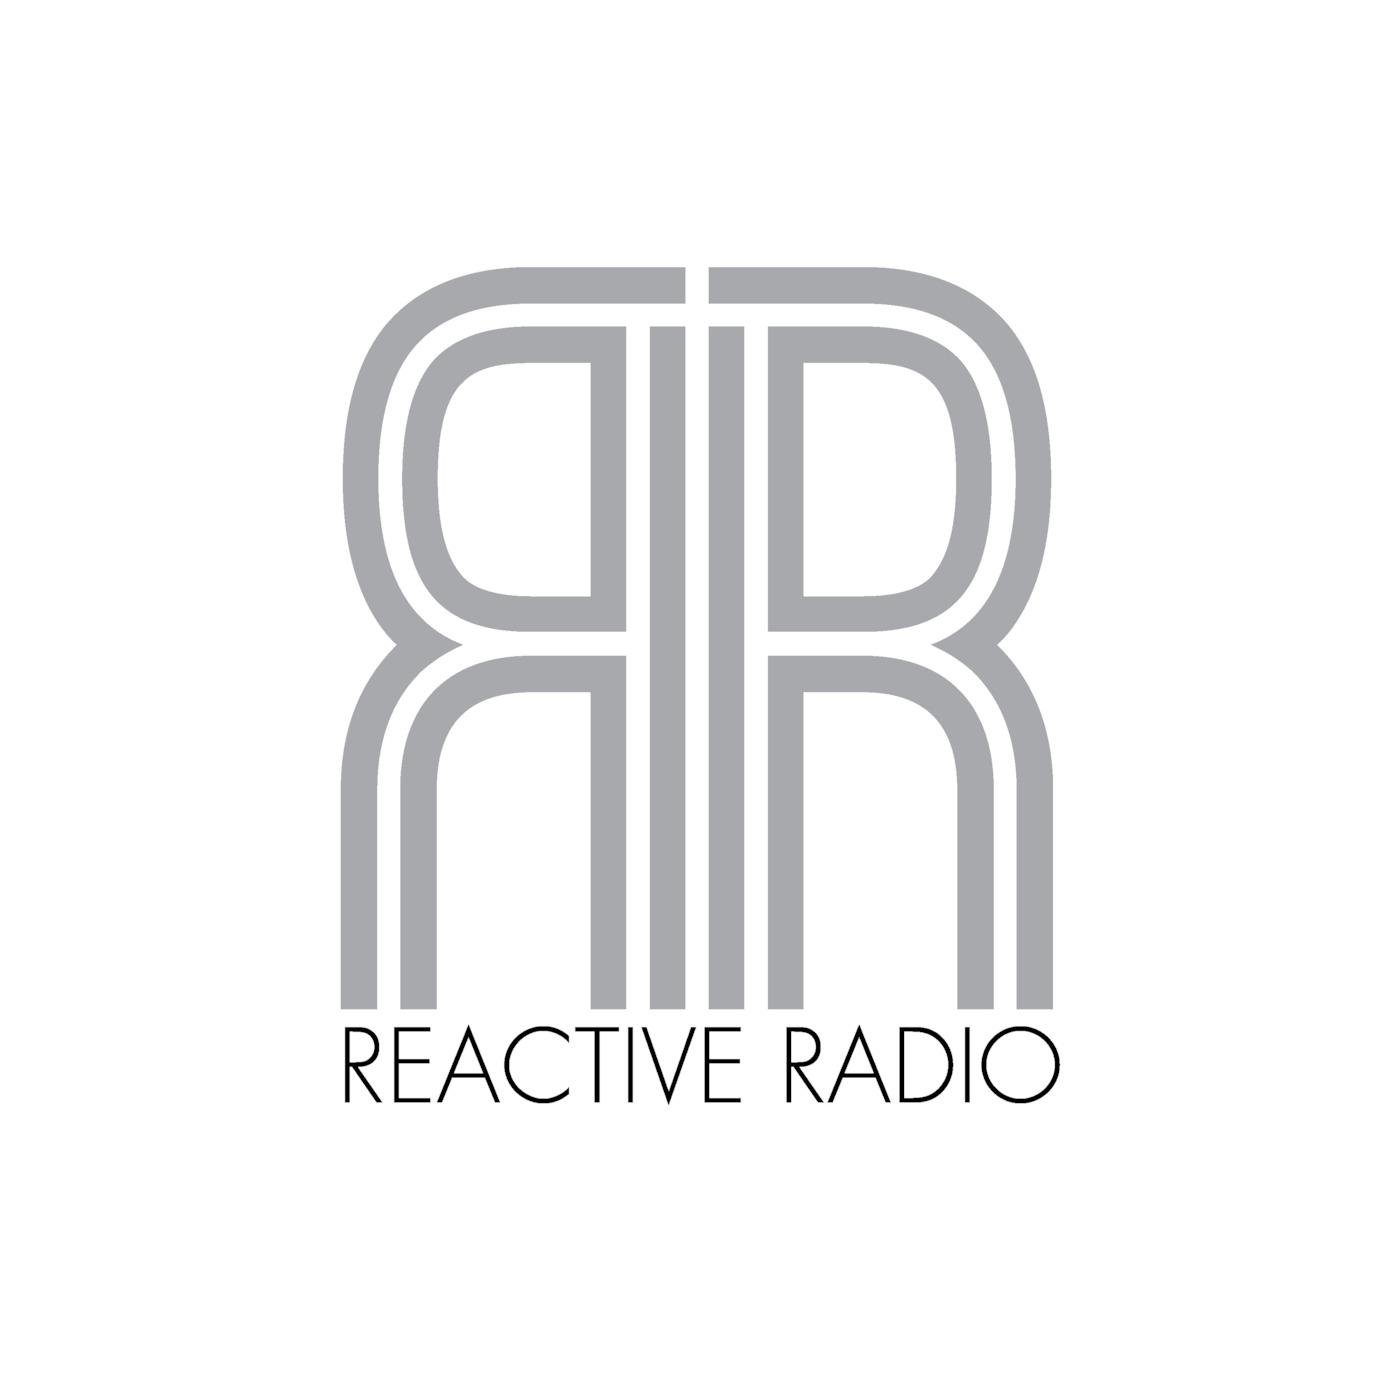 Reactive Radio